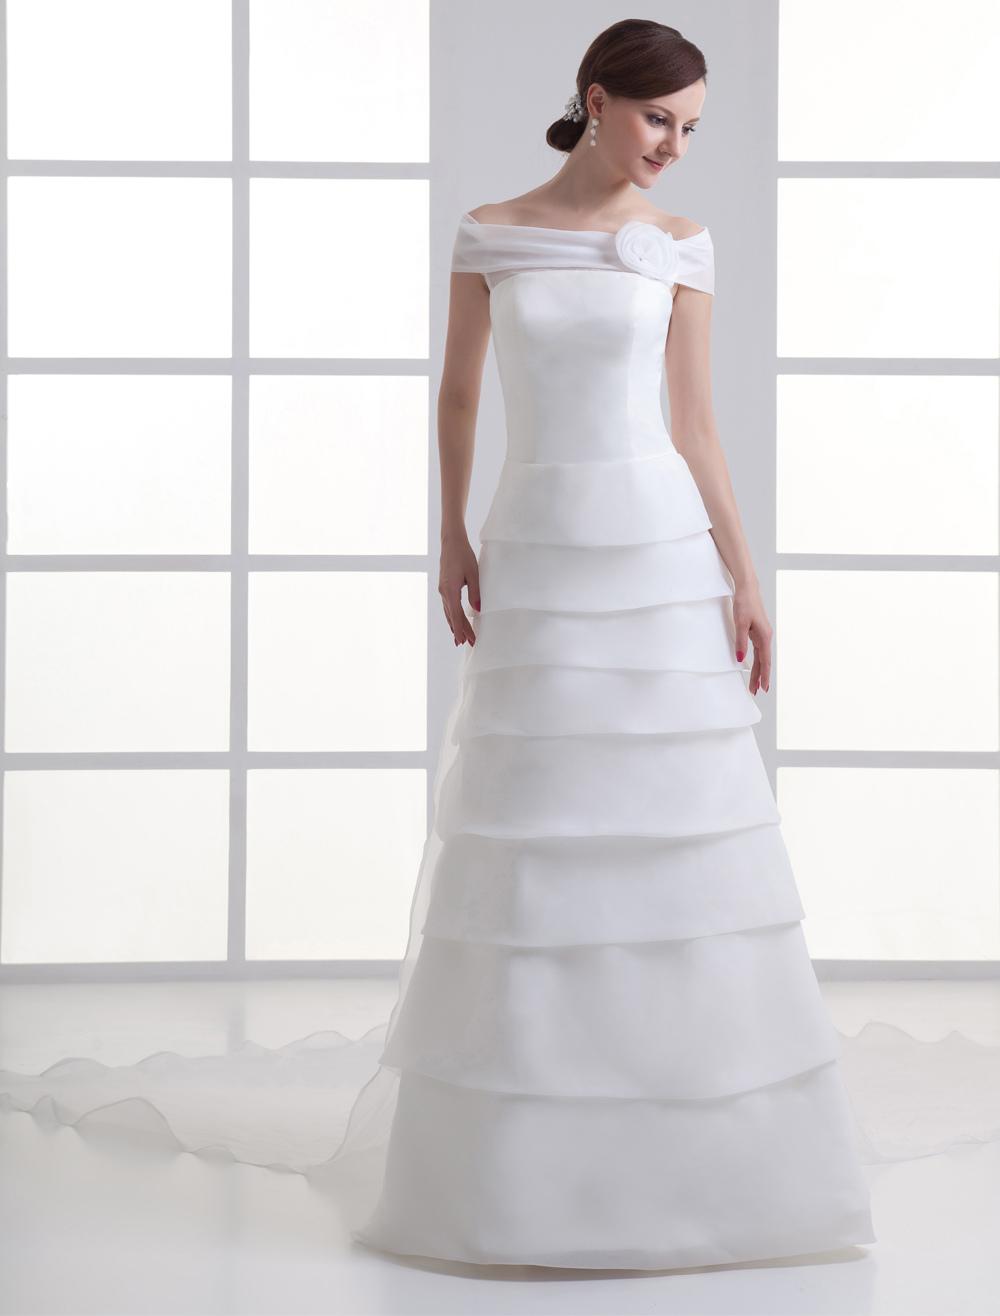 Brautkleid aus Organza - A-Linie - flanevo